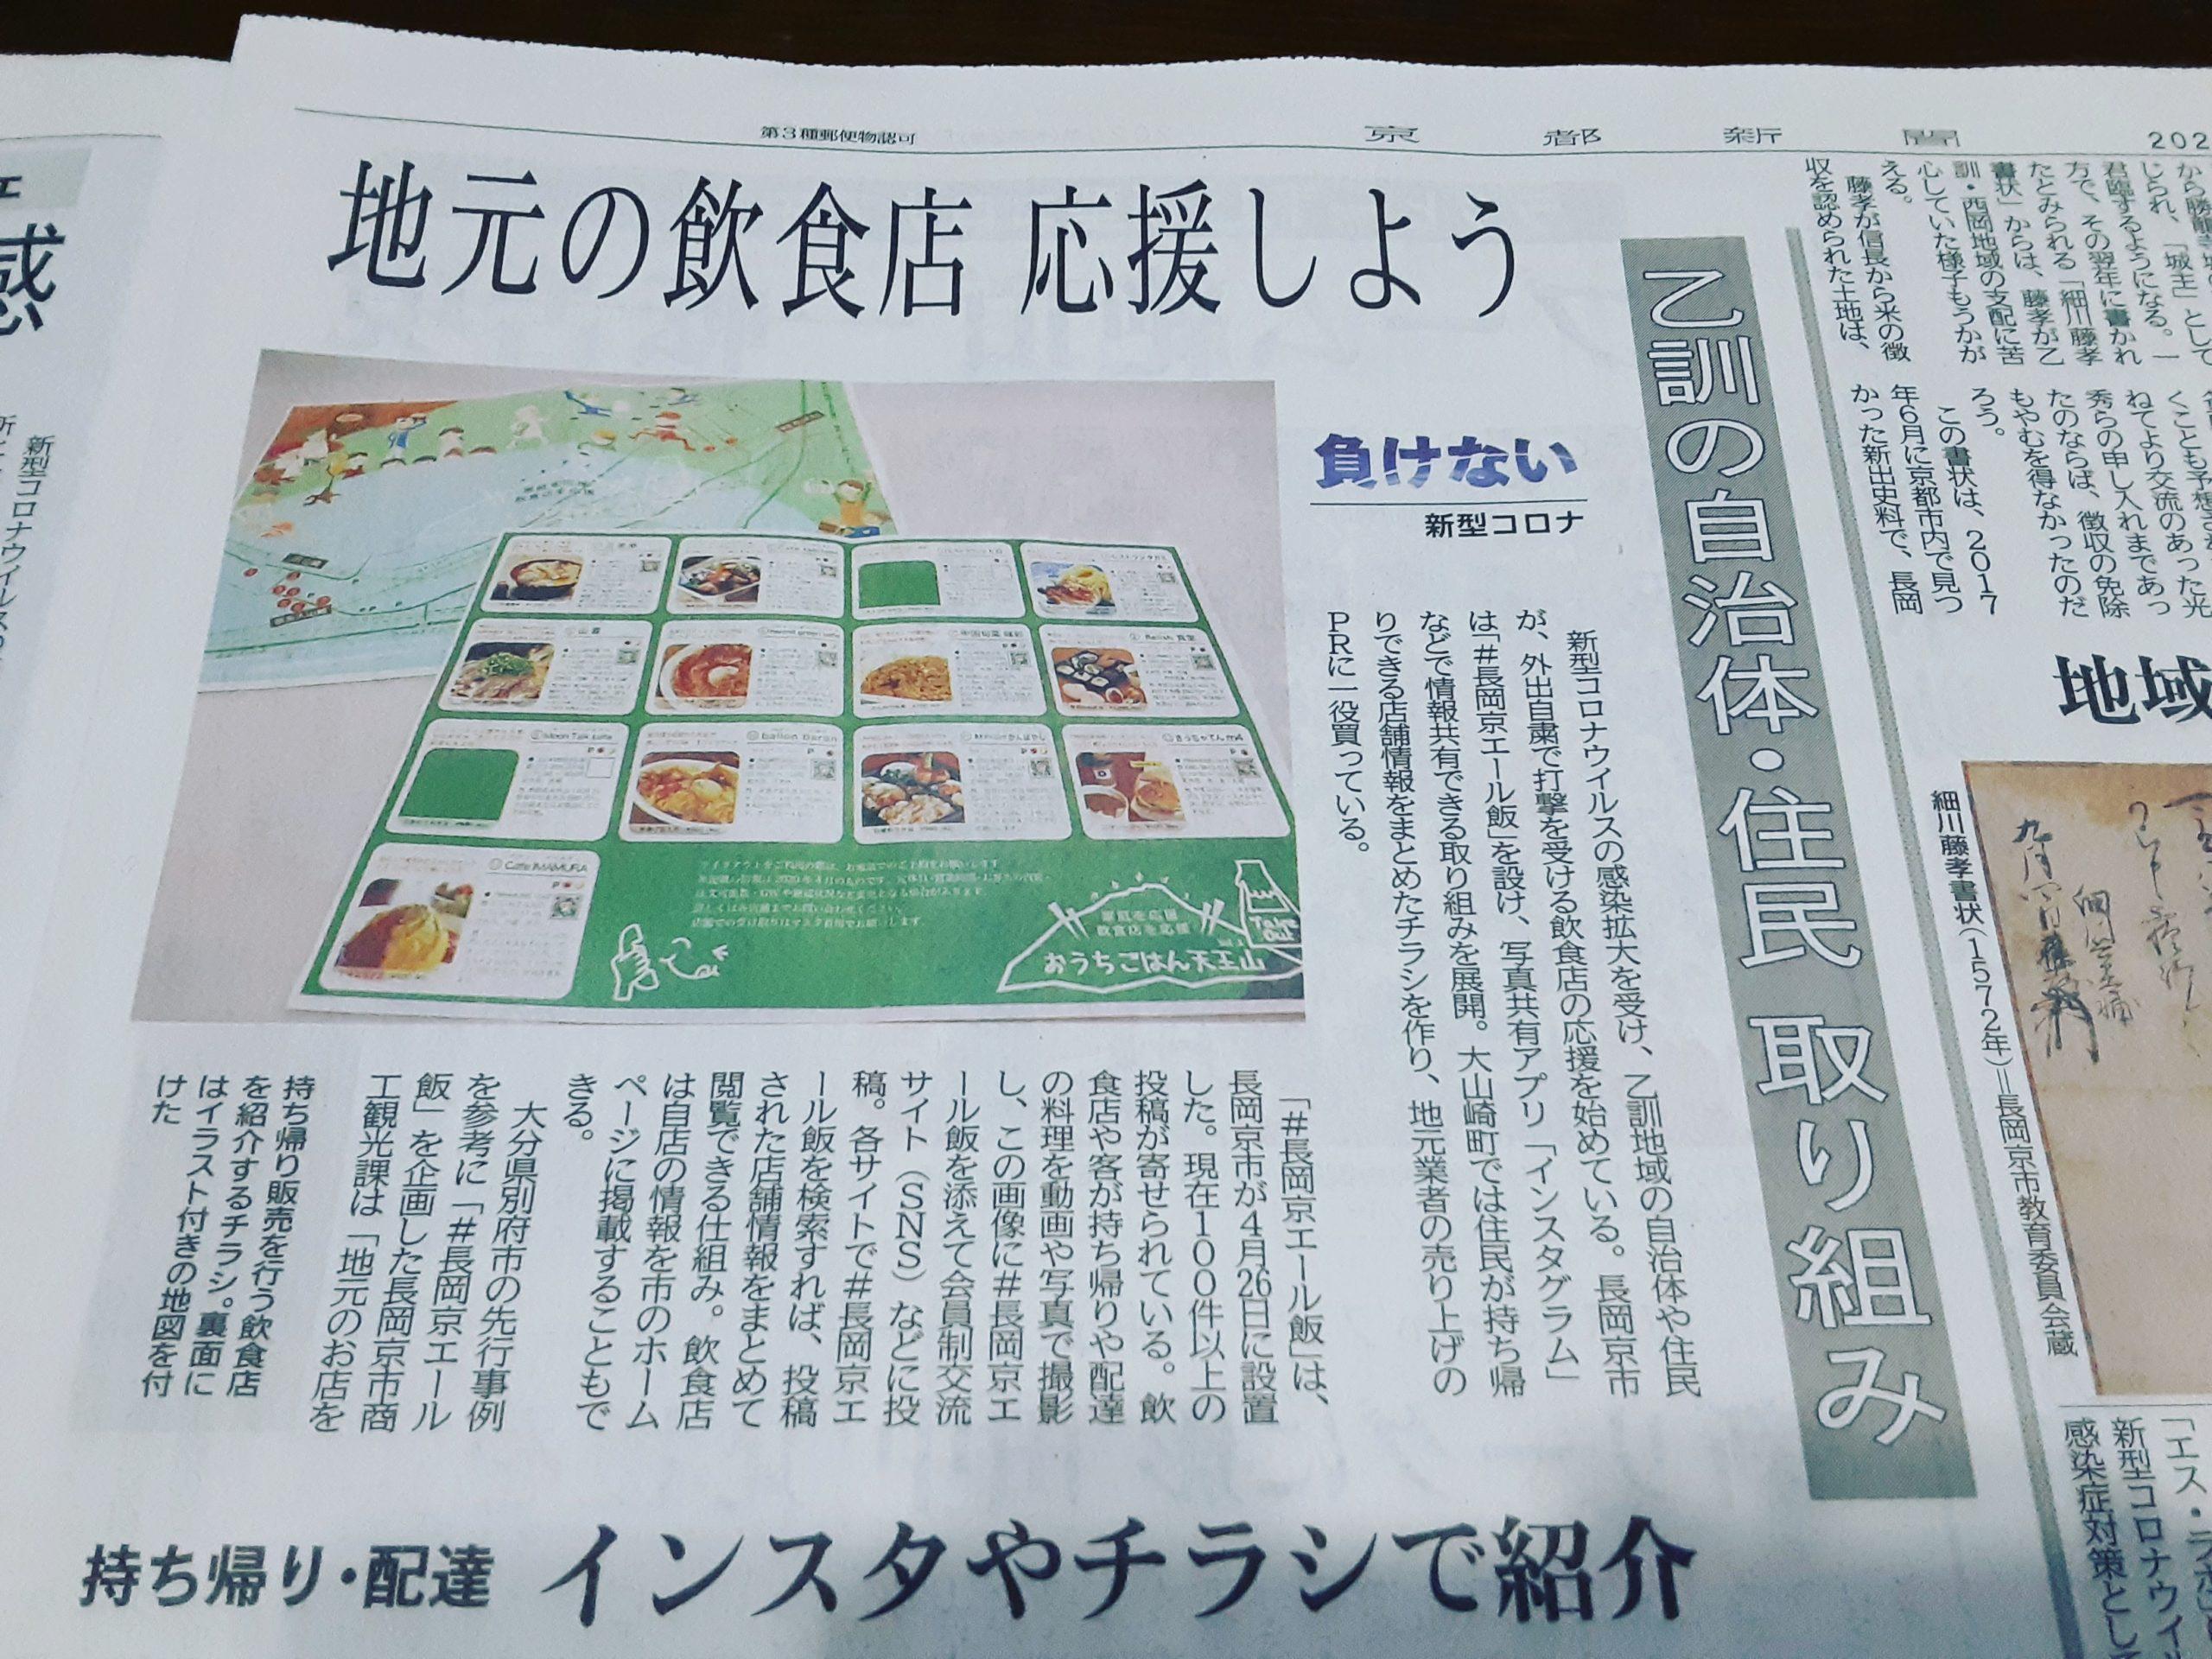 大山崎町のテイクアウトできるお店の一覧が素敵なチラシになりました‼️京都新聞にも掲載されました‼️